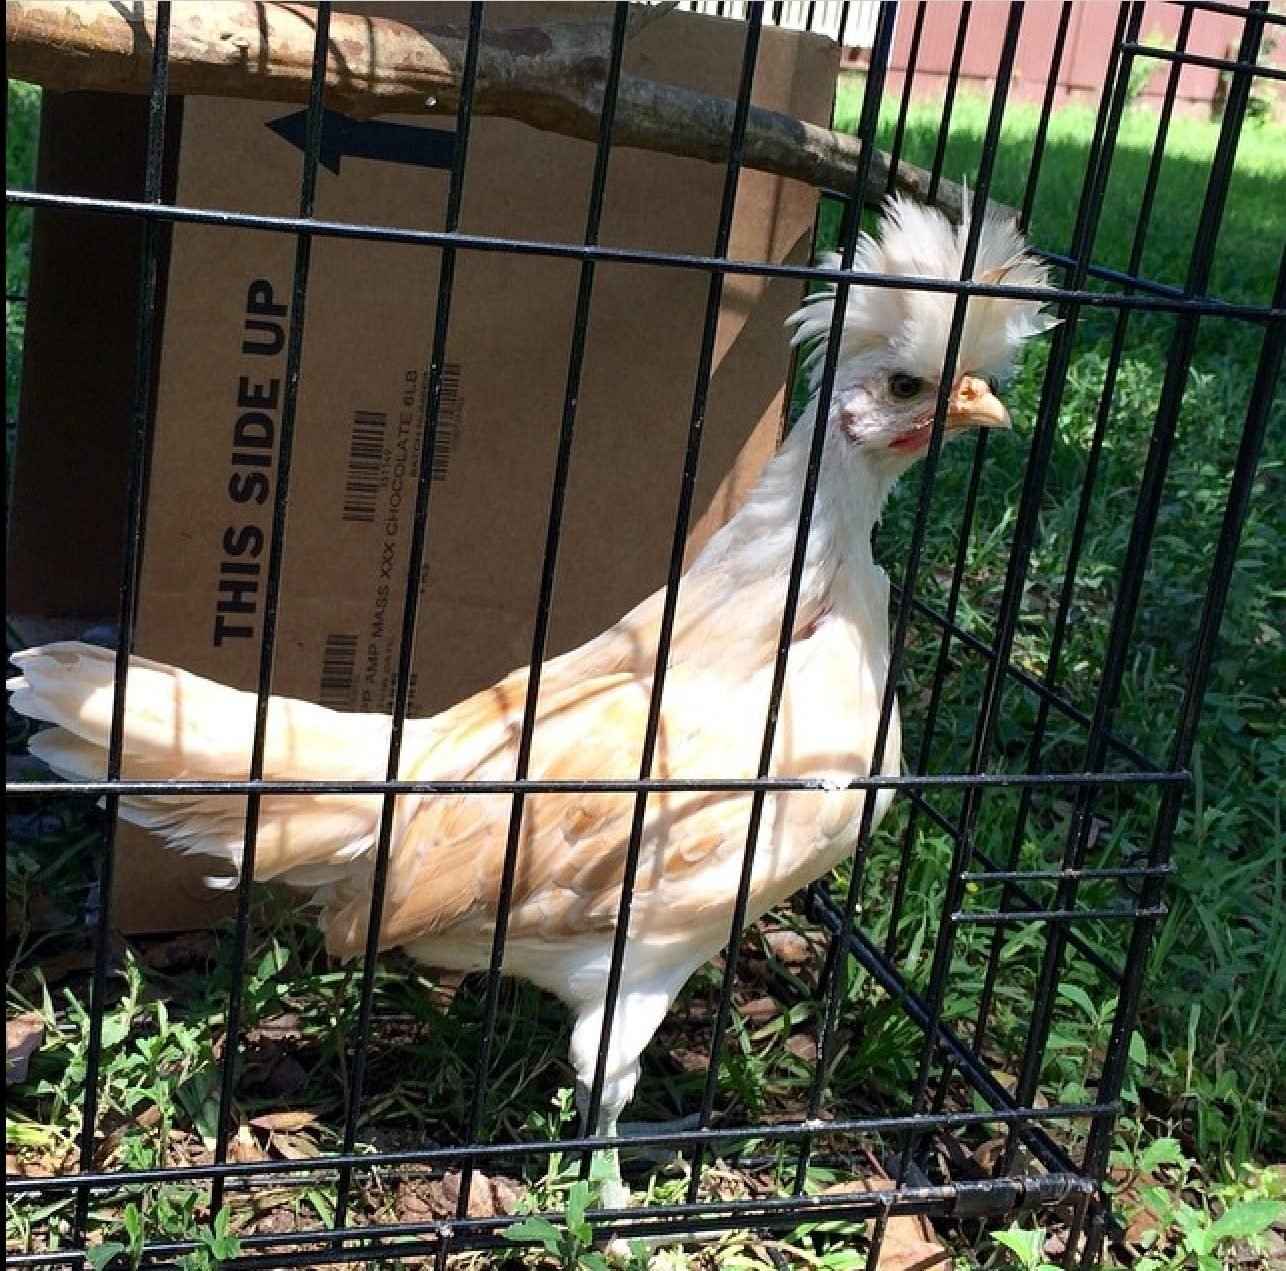 Golden Appenzeller Spitzhauben Backyard Chickens